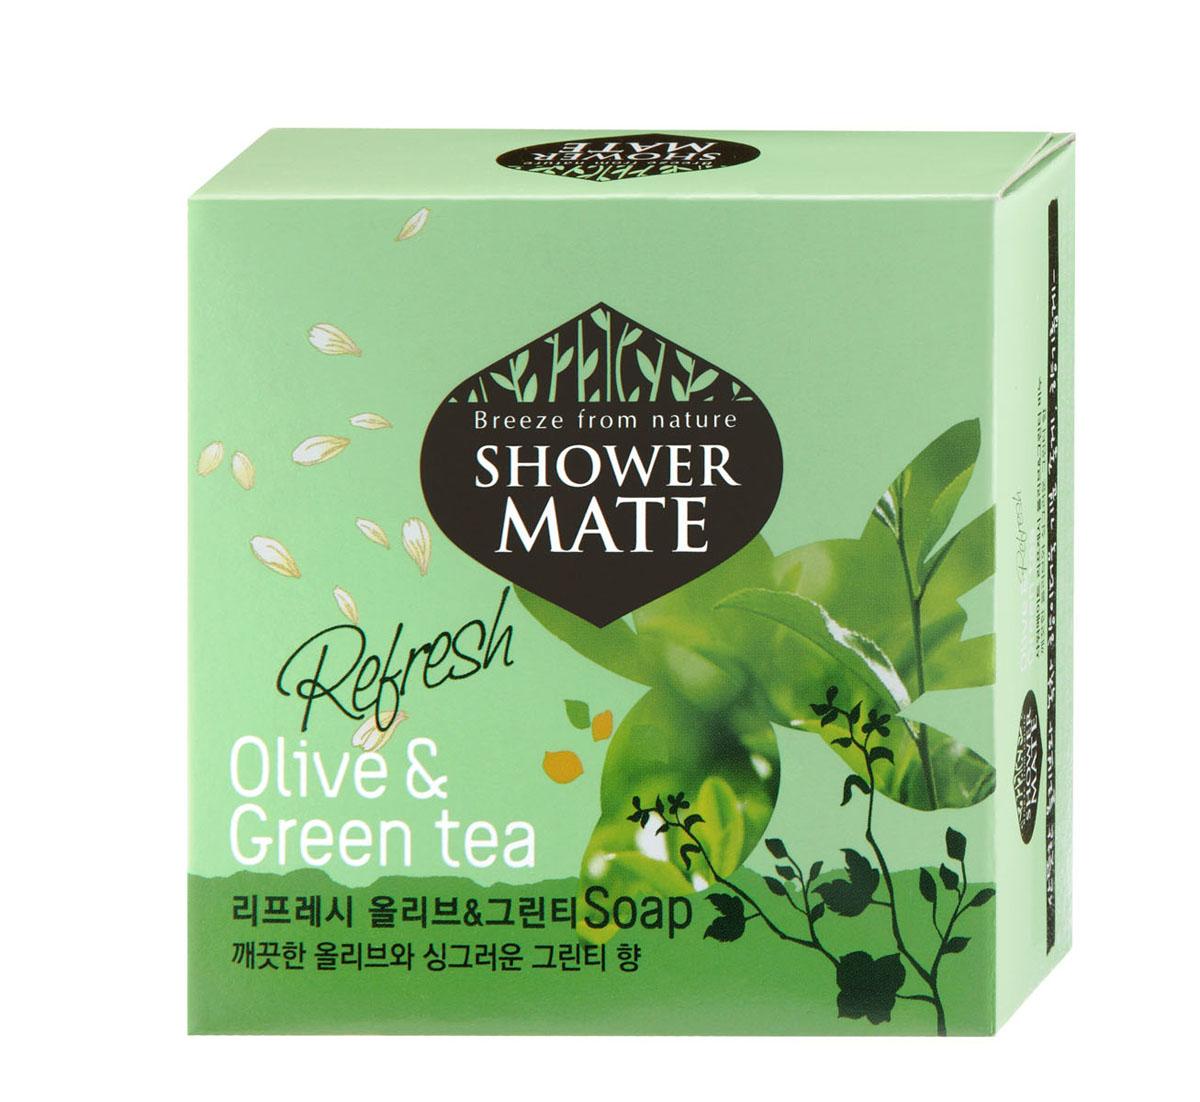 Shower Mate Мыло косметическое Оливки и зеленый чай, 100 г3340Богатый полезными веществами, экстракт оливы увлажняет и создает защитный слой для кожи. Катехины зеленого чаяпредотвращают преждевременное старение кожи, способствуют ее омоложению. Свежий аромат оливы и бодрящий аромат зеленого чая дарят ощущение прохлады и чистоты. Характеристики:Вес: 100 г. Артикул: 988084. Производитель: Корея. Товар сертифицирован.